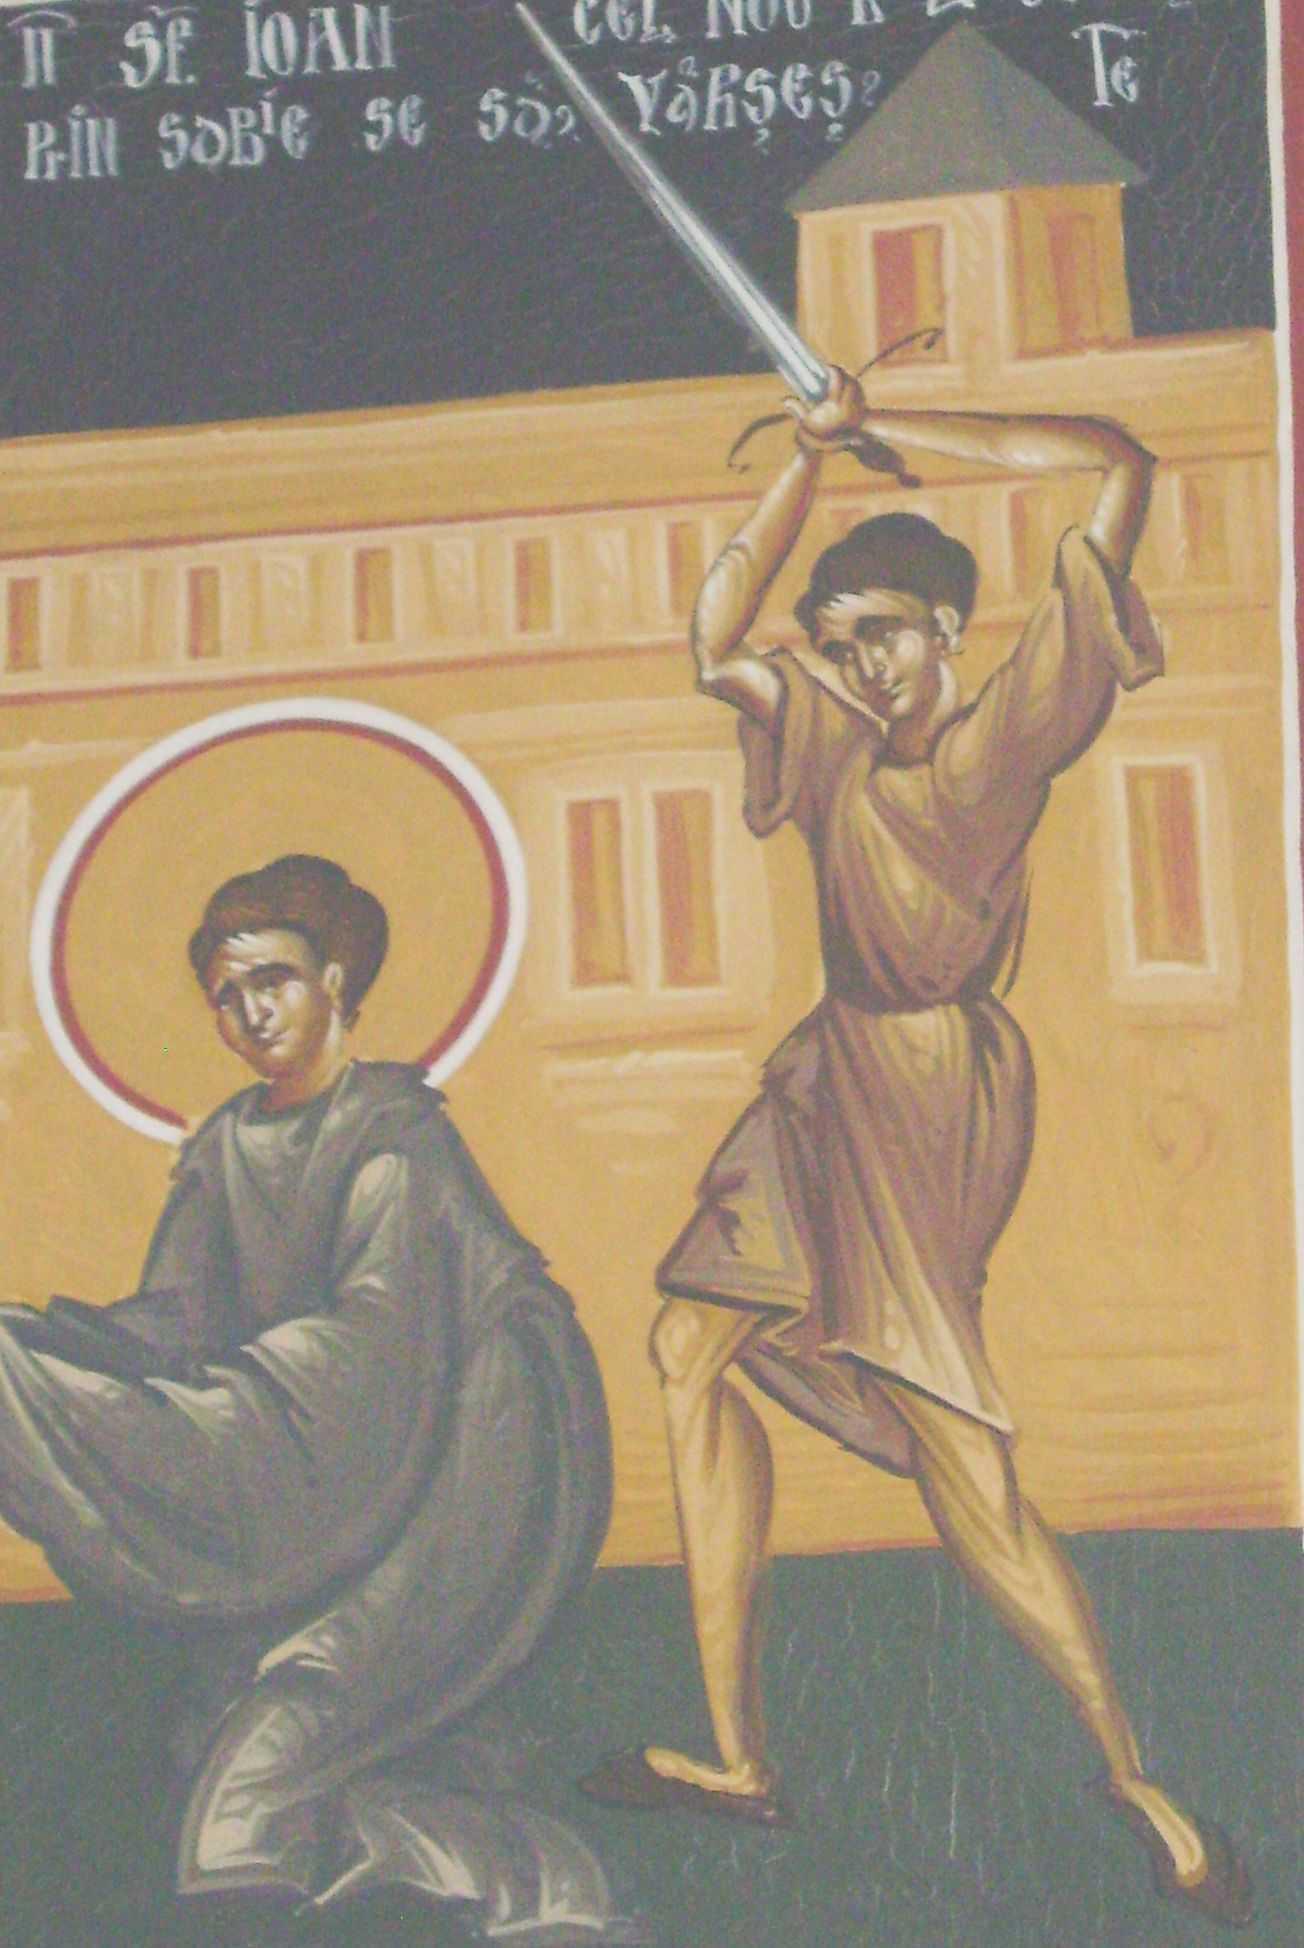 """CAND IZVORUL VIETII DEVINE SETE PENTRU CEL IUBIT: <i>""""Fiecare lacrima varsata pe pamant curge prin ochii lui Hristos""""</i>/ SFANTUL IOAN CEL NOU DE LA SUCEAVA – <b>mangaiere si intarire pentru a nu ne lepada de Hristos in primejdii</b>"""